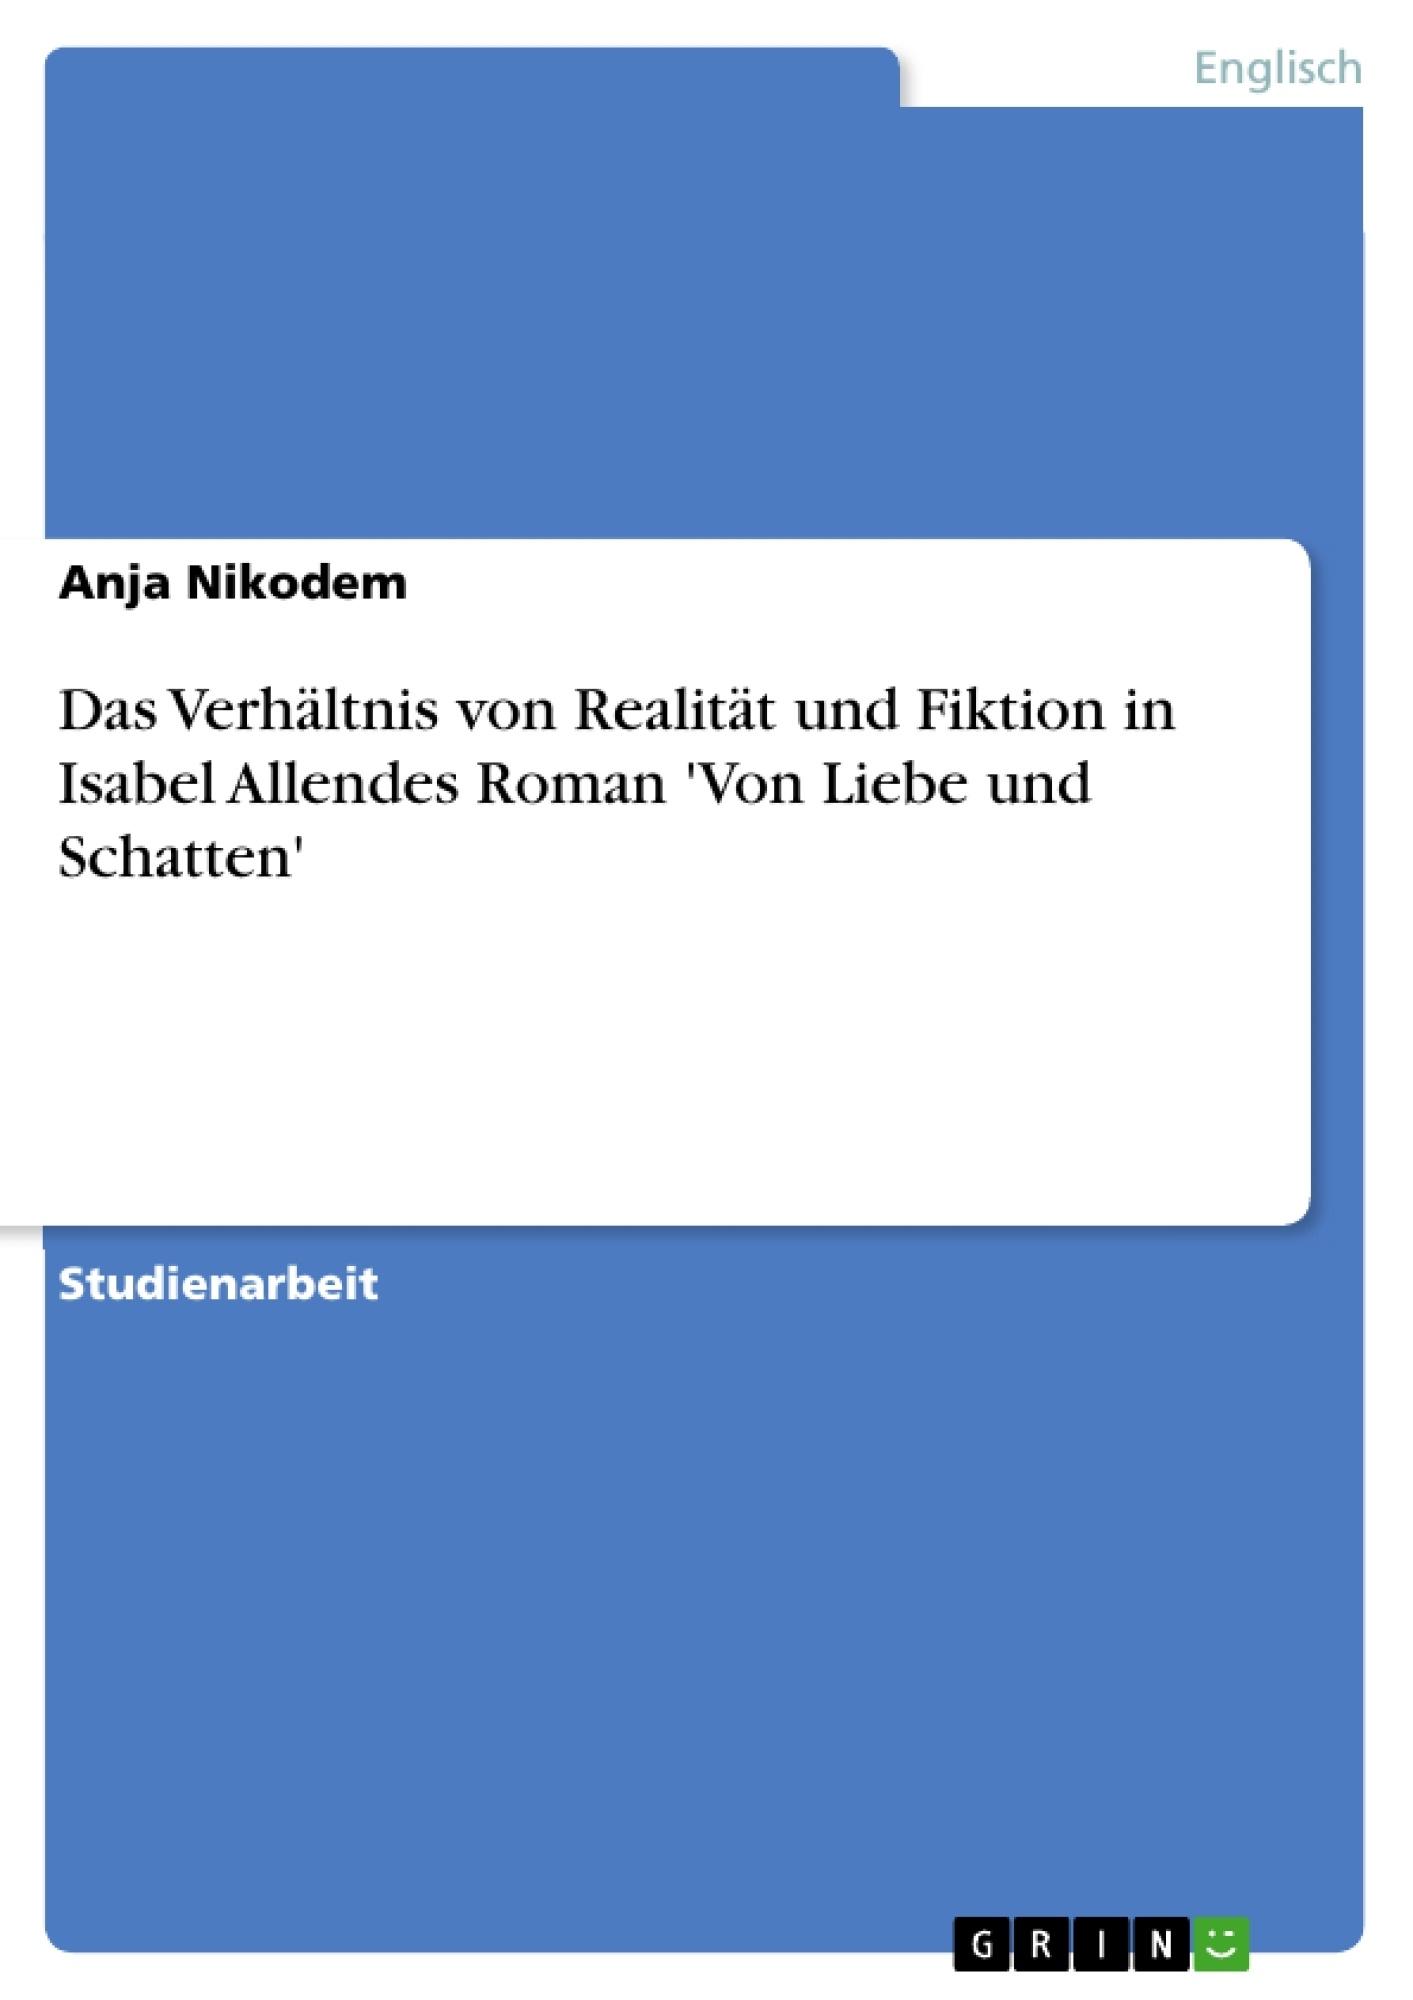 Titel: Das Verhältnis von Realität und Fiktion in Isabel Allendes Roman 'Von Liebe und Schatten'